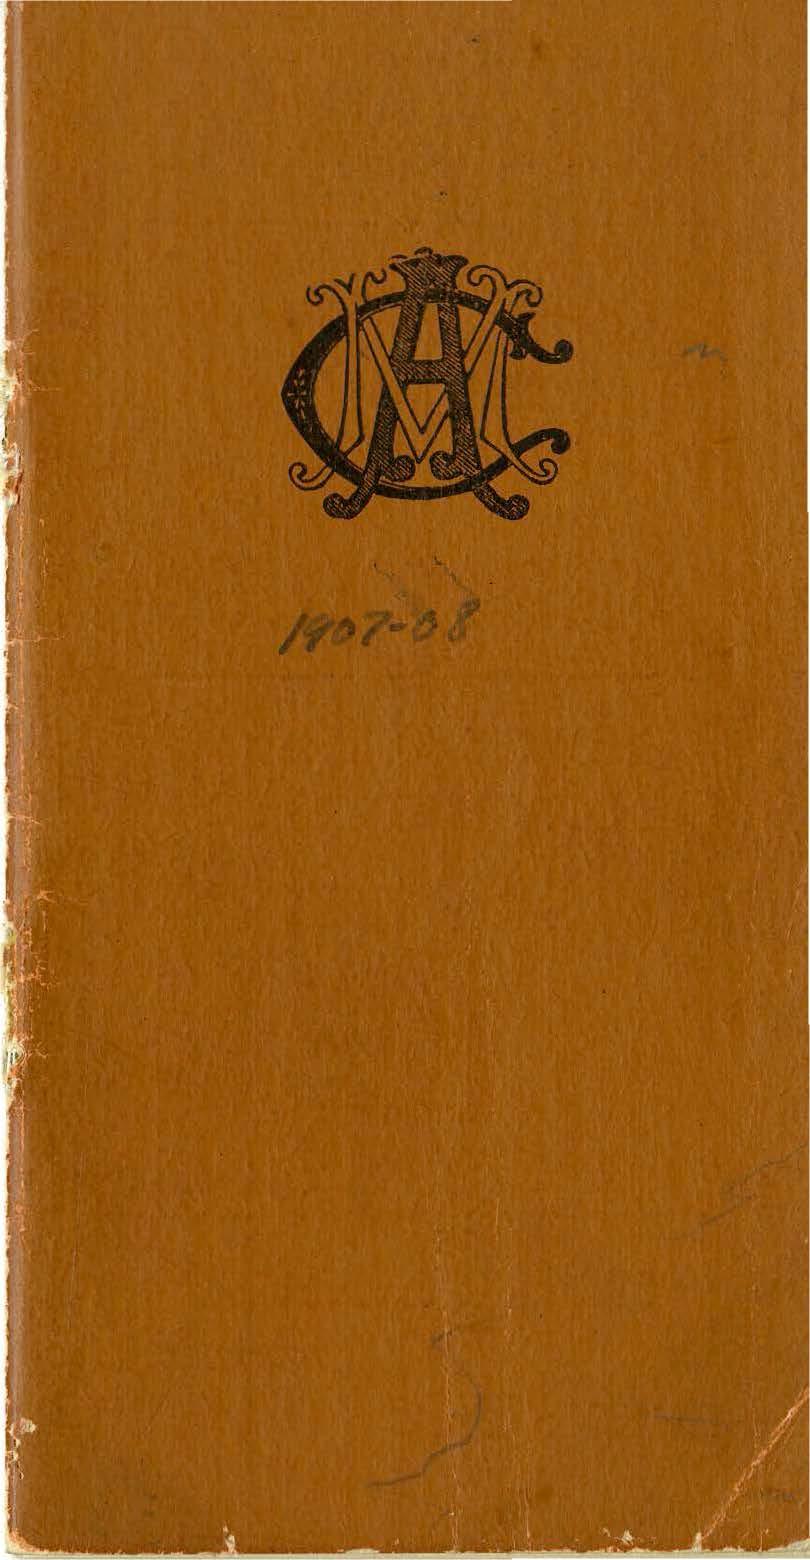 Student Handbook, 1907-1908